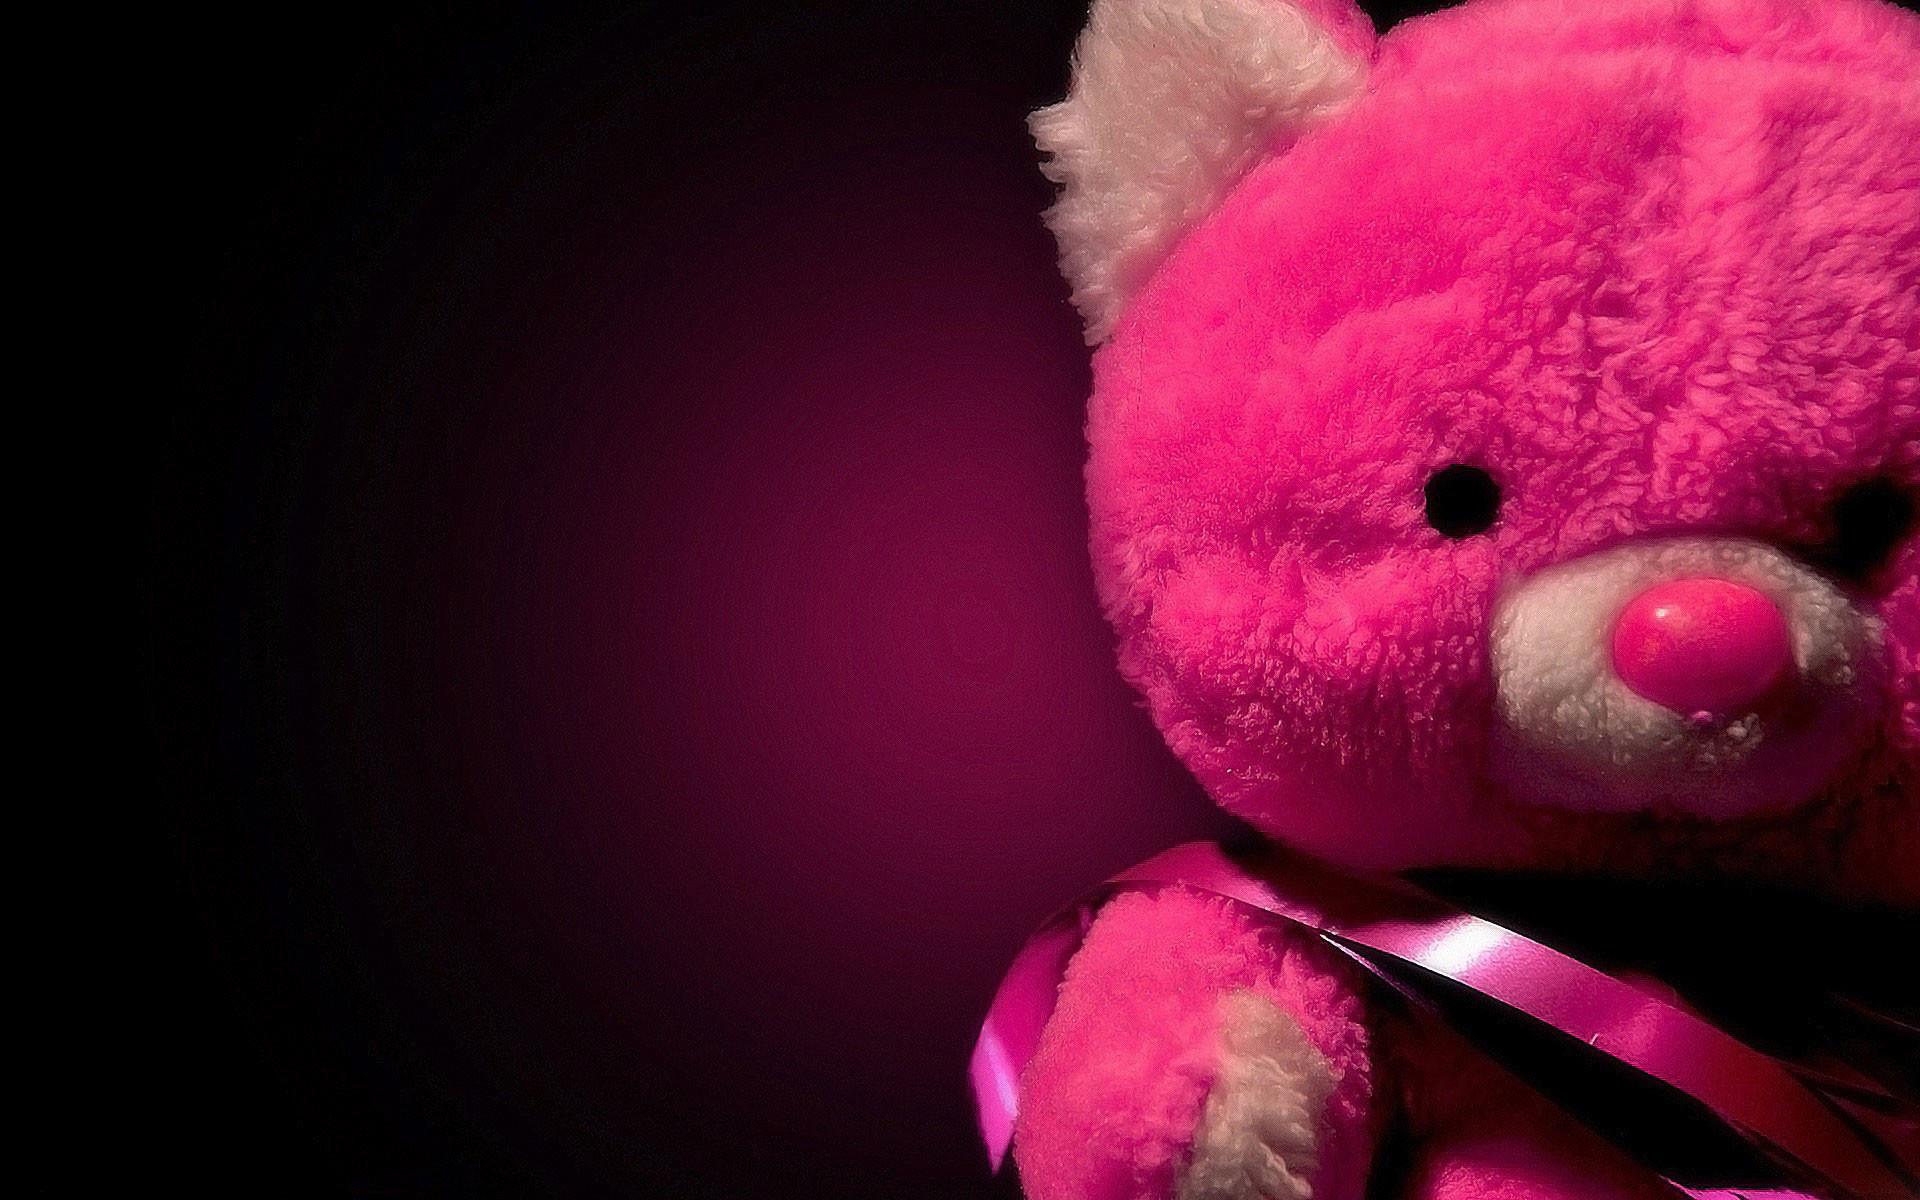 pink teddy bear love desktop wallpaper download pink teddy bear love .